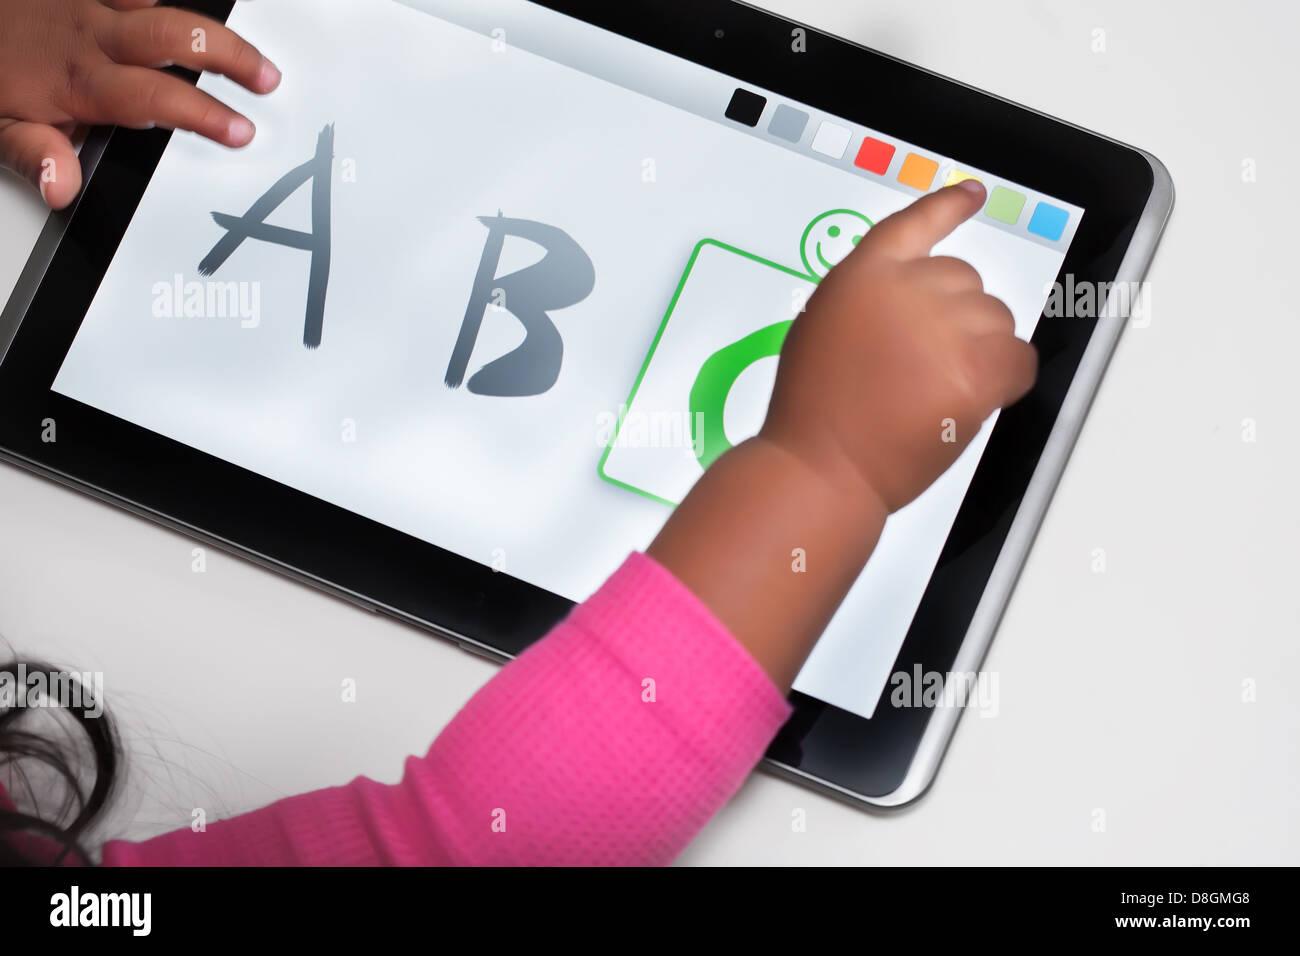 La main d'un enfant sur un écran tactile Tablet avec des logiciels éducatifs. Photo Stock